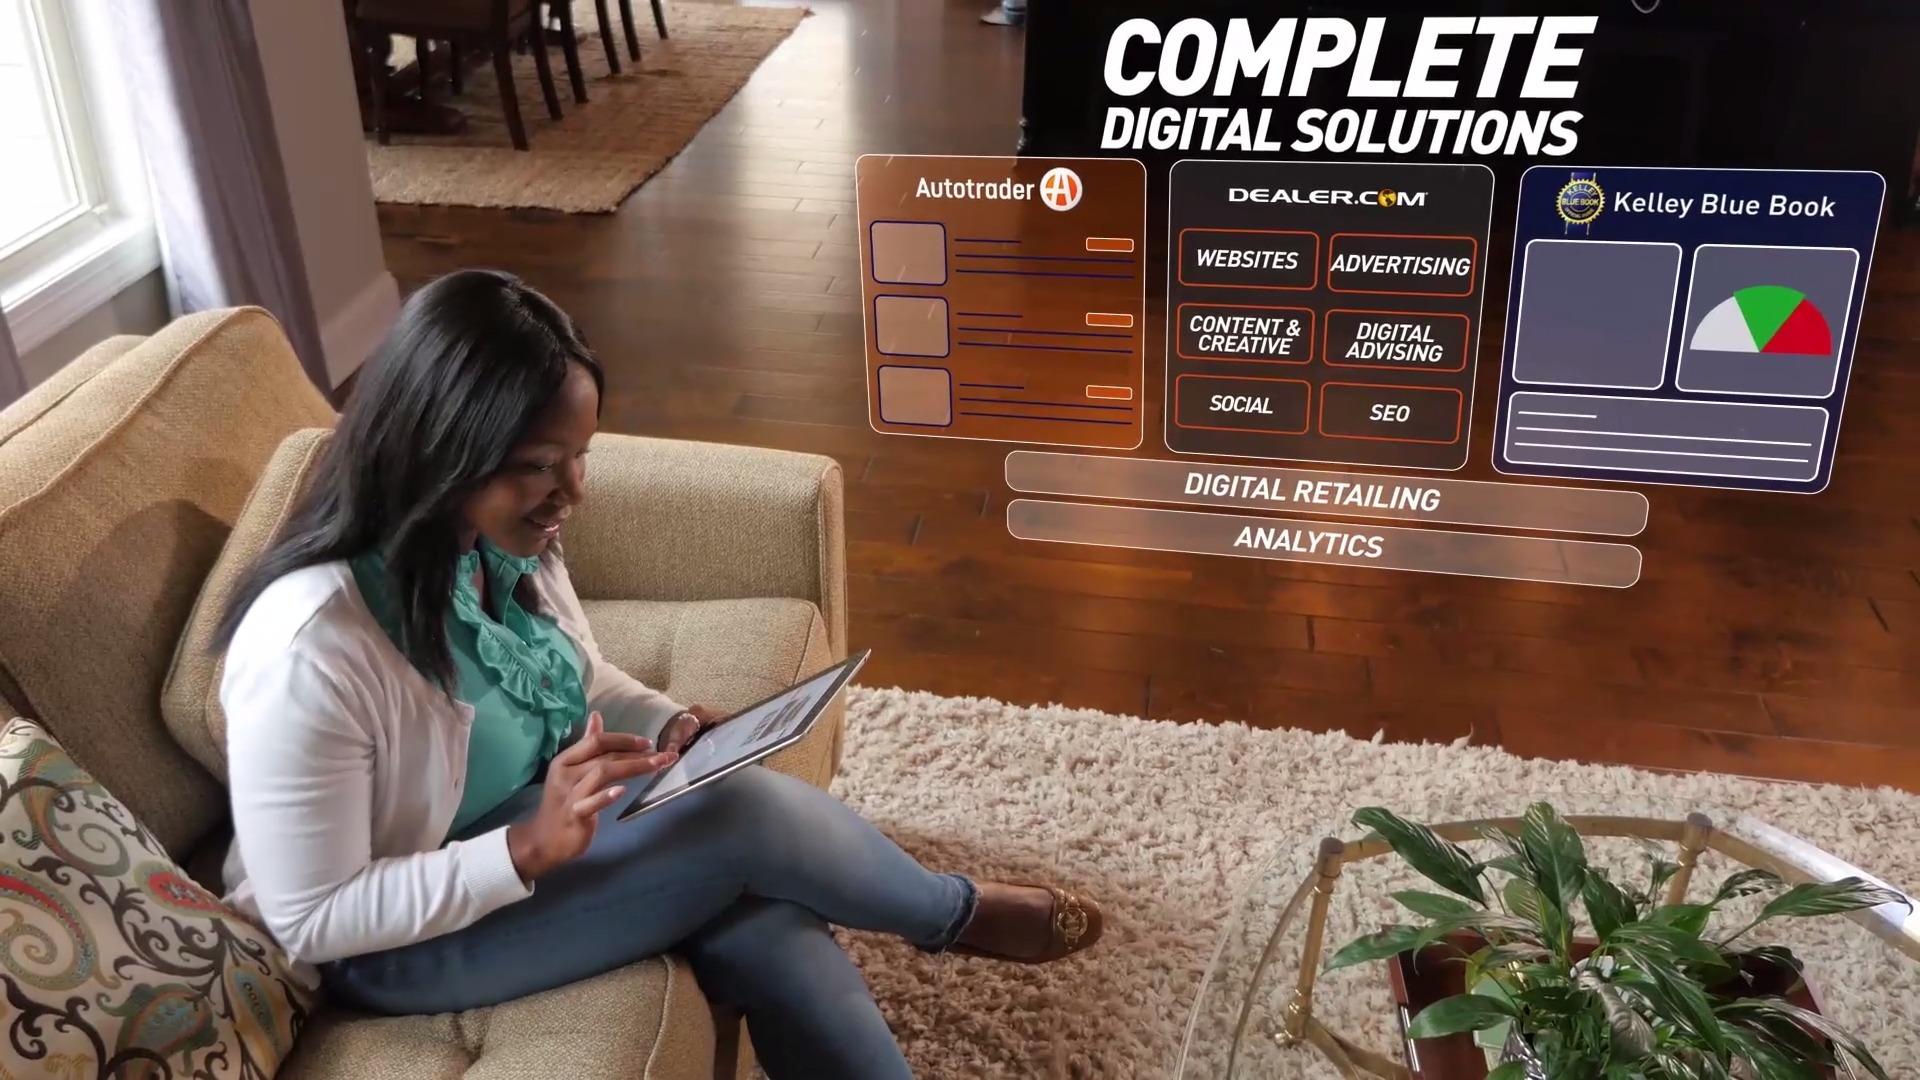 Cox Automotive Media Solutions